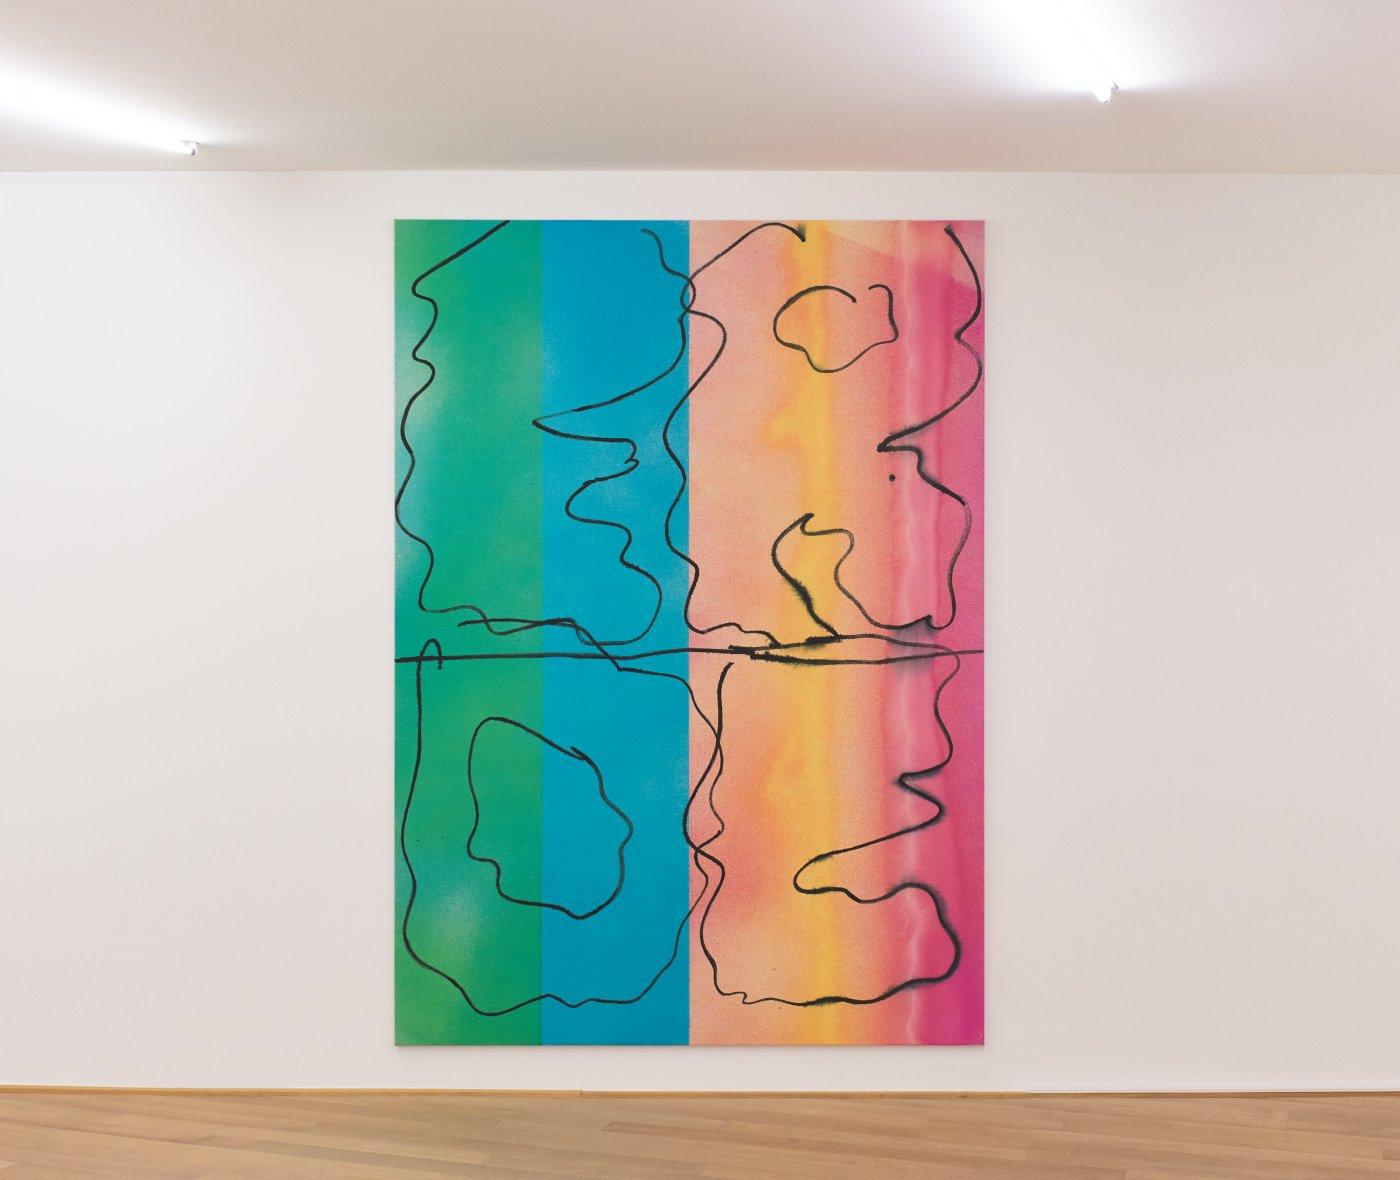 Mai 36 Galerie Jurgen Drescher Glen Rubsamen 9